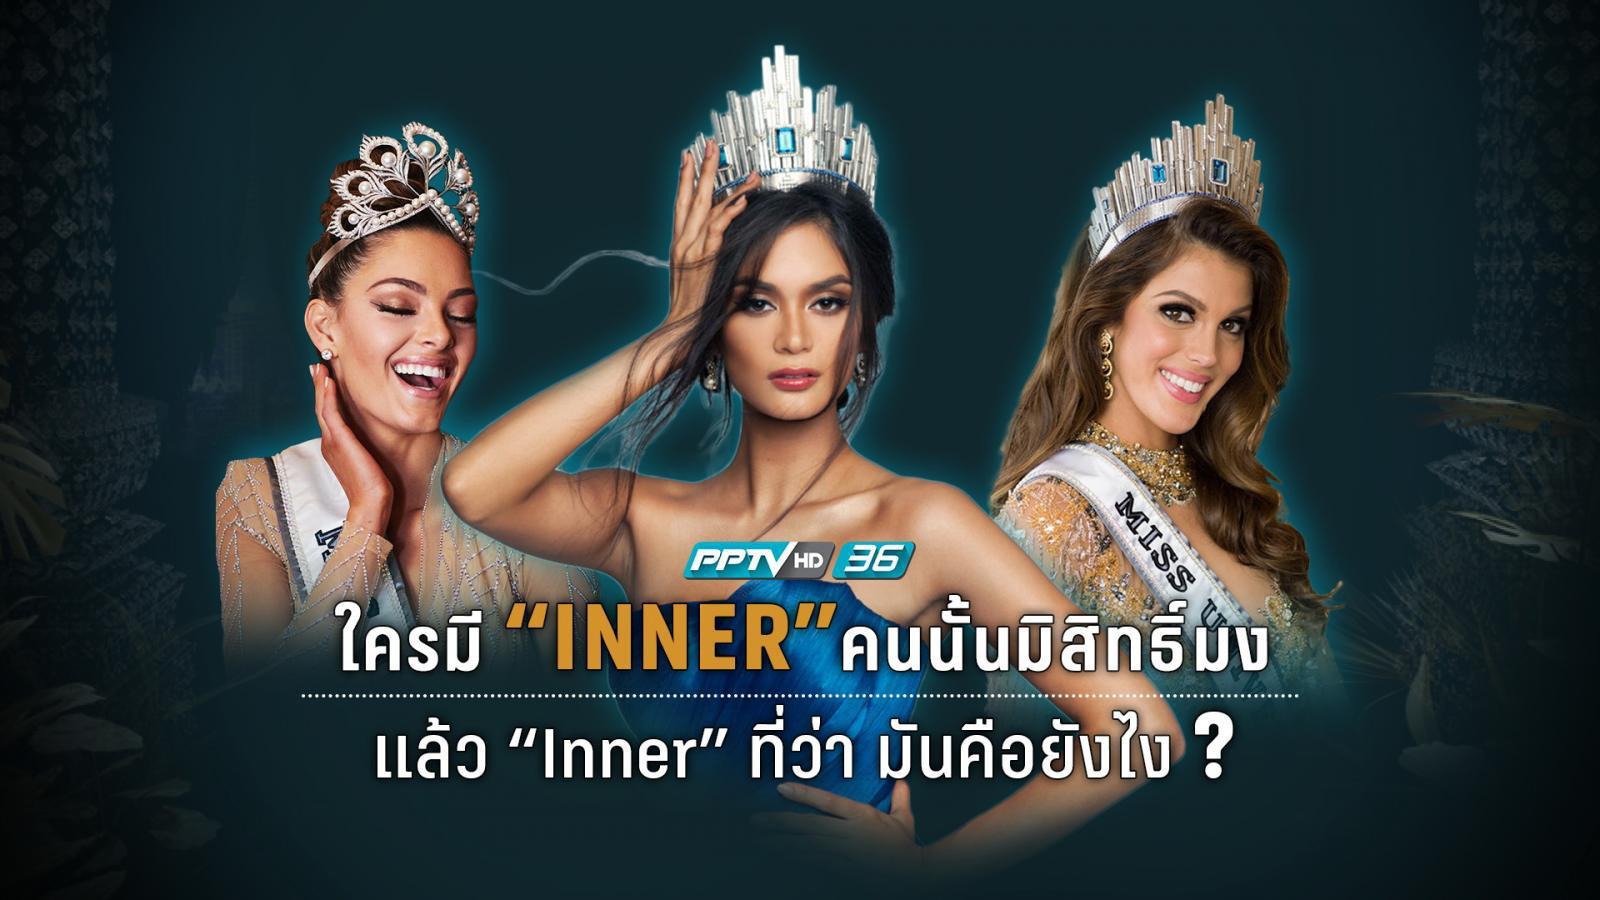 """มิสยูนิเวิร์ส 2018 ใครมี """"INNER""""คนนั้นมีสิทธิ์มง แล้ว """"Inner"""" ที่ว่า มันคือยังไง?"""